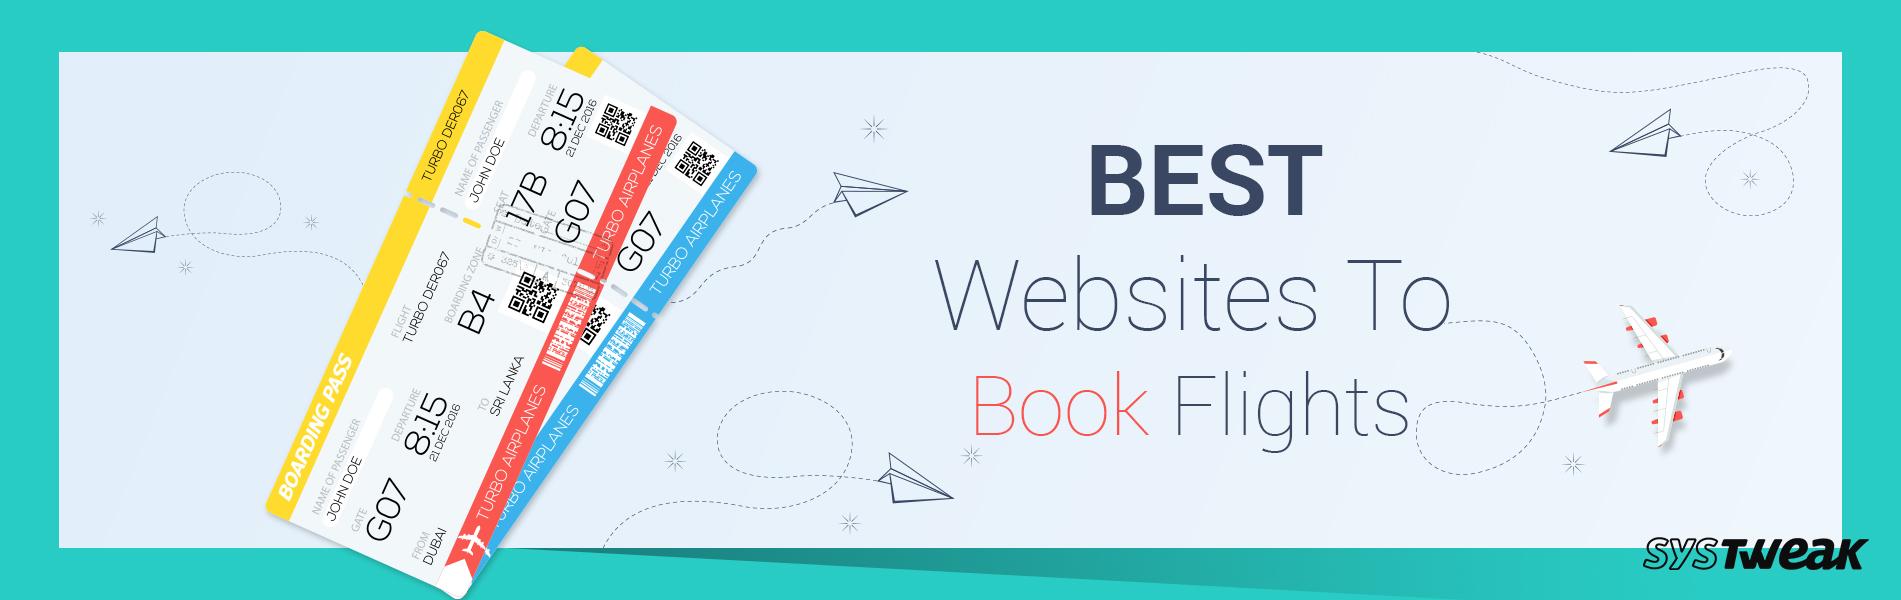 10 Best Websites To Book Flights